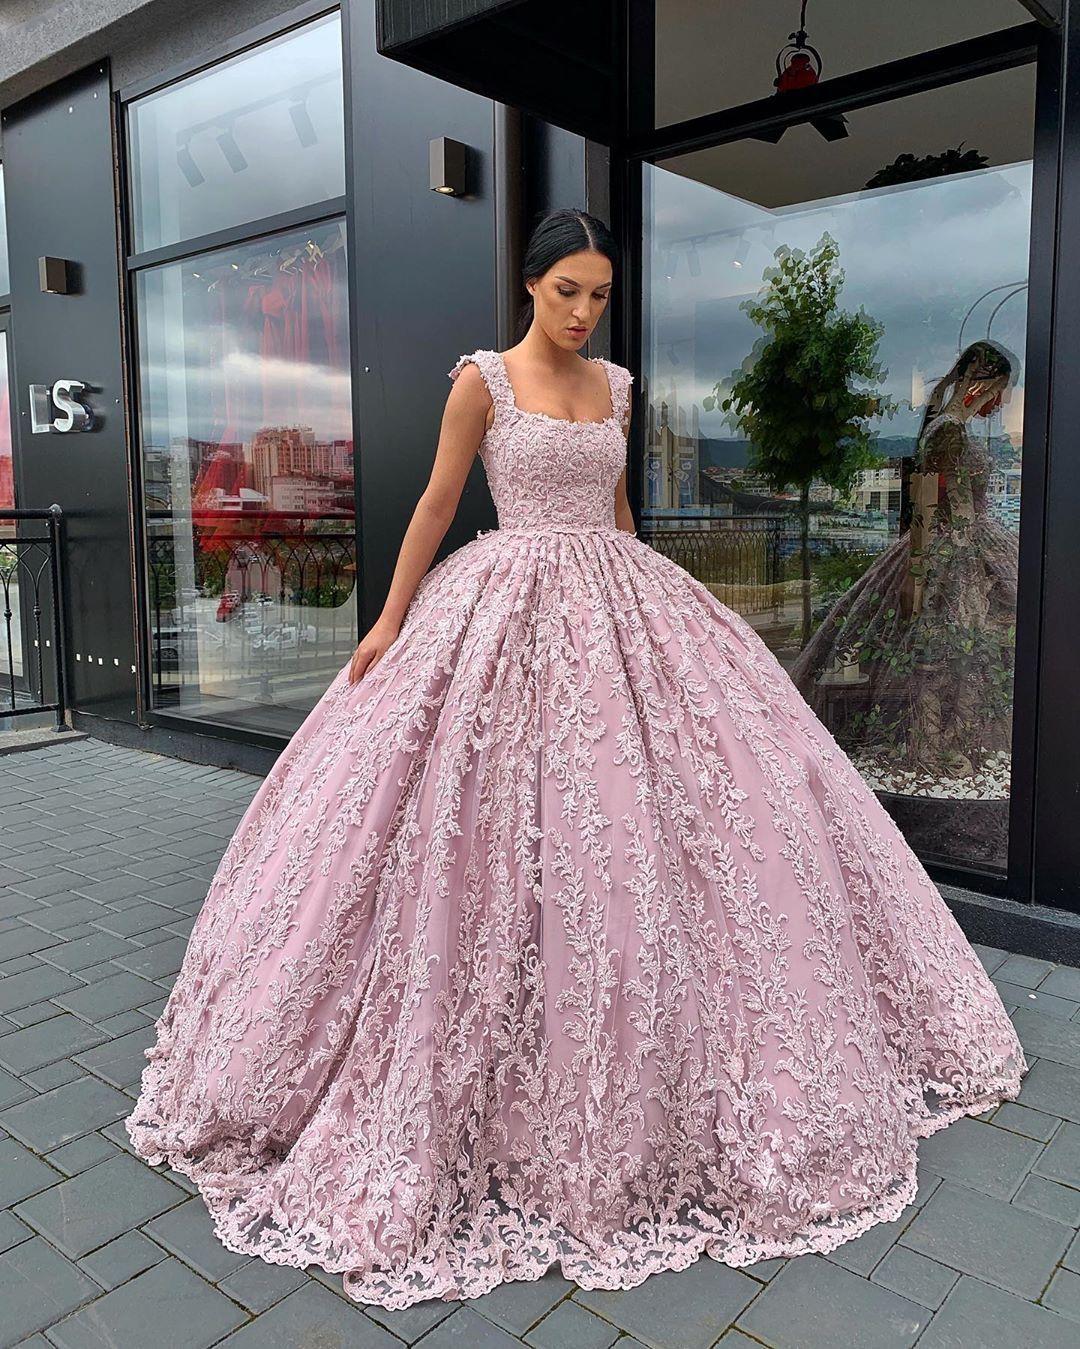 pin von stasy🖤 auf • dresses • | abschlussball kleider